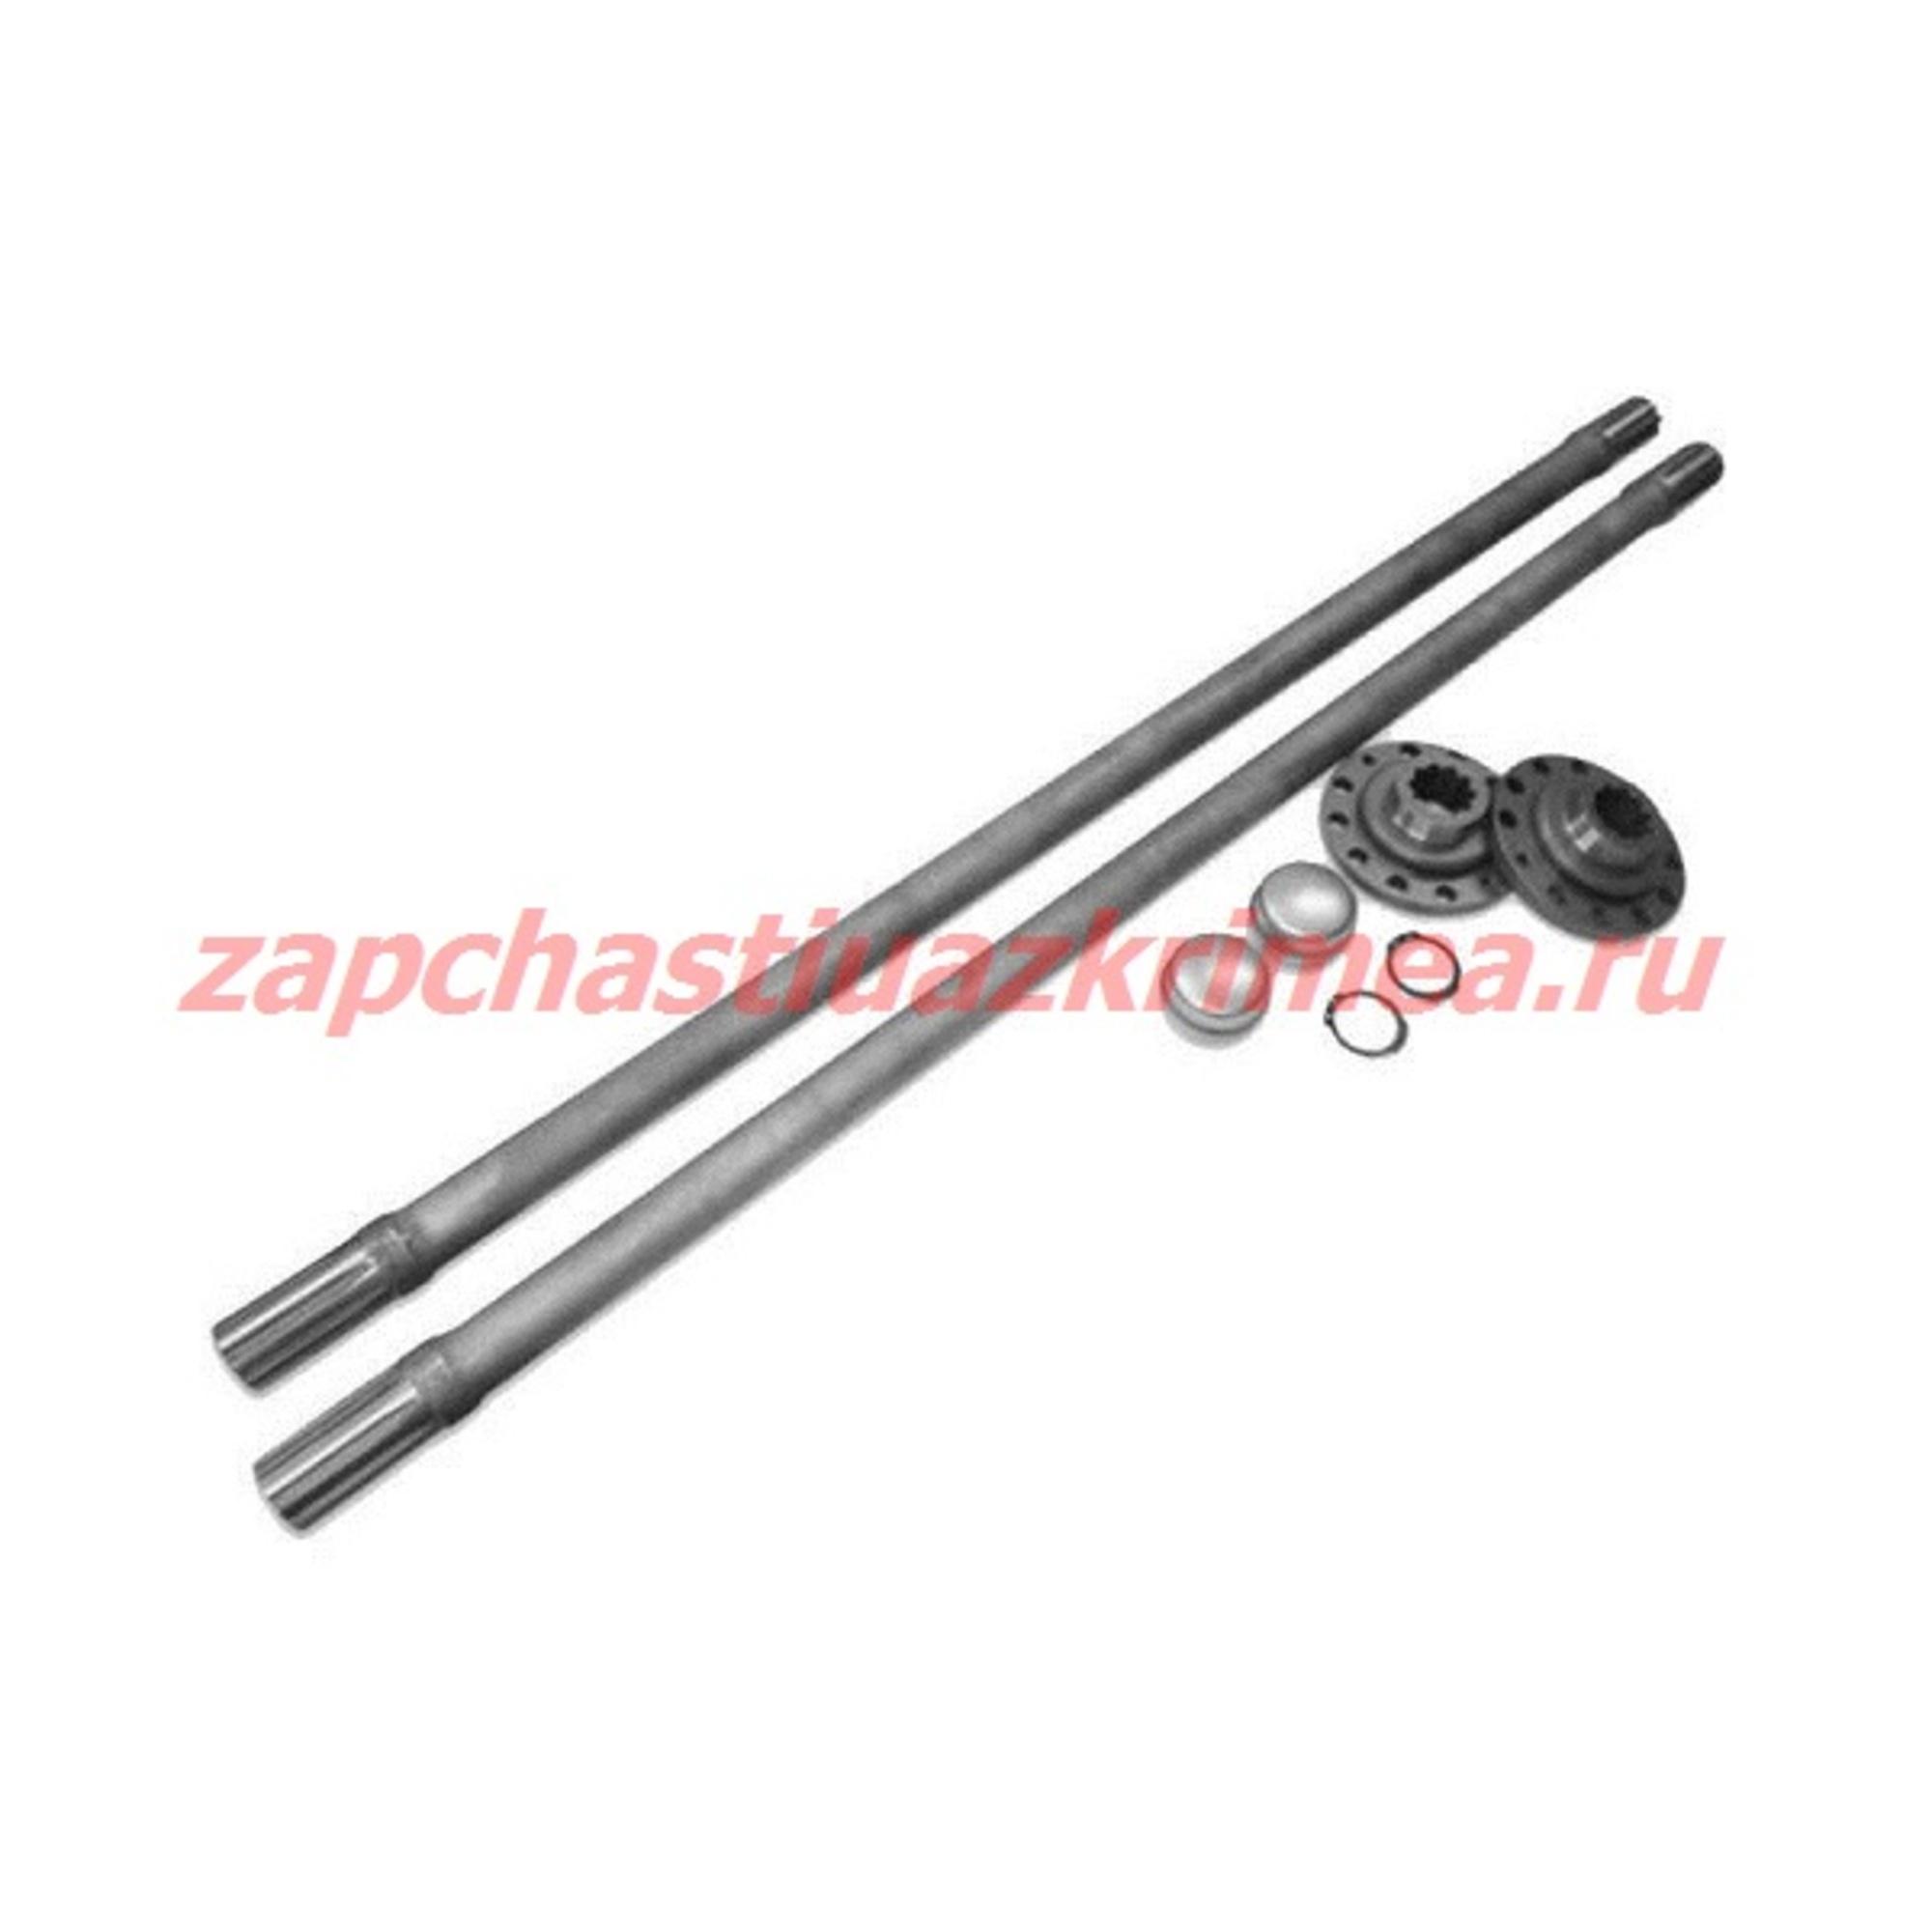 Комплект полуосей усиленных задний гибрибный мост УАЗ (875/736) ИЖ-ТЕХНО